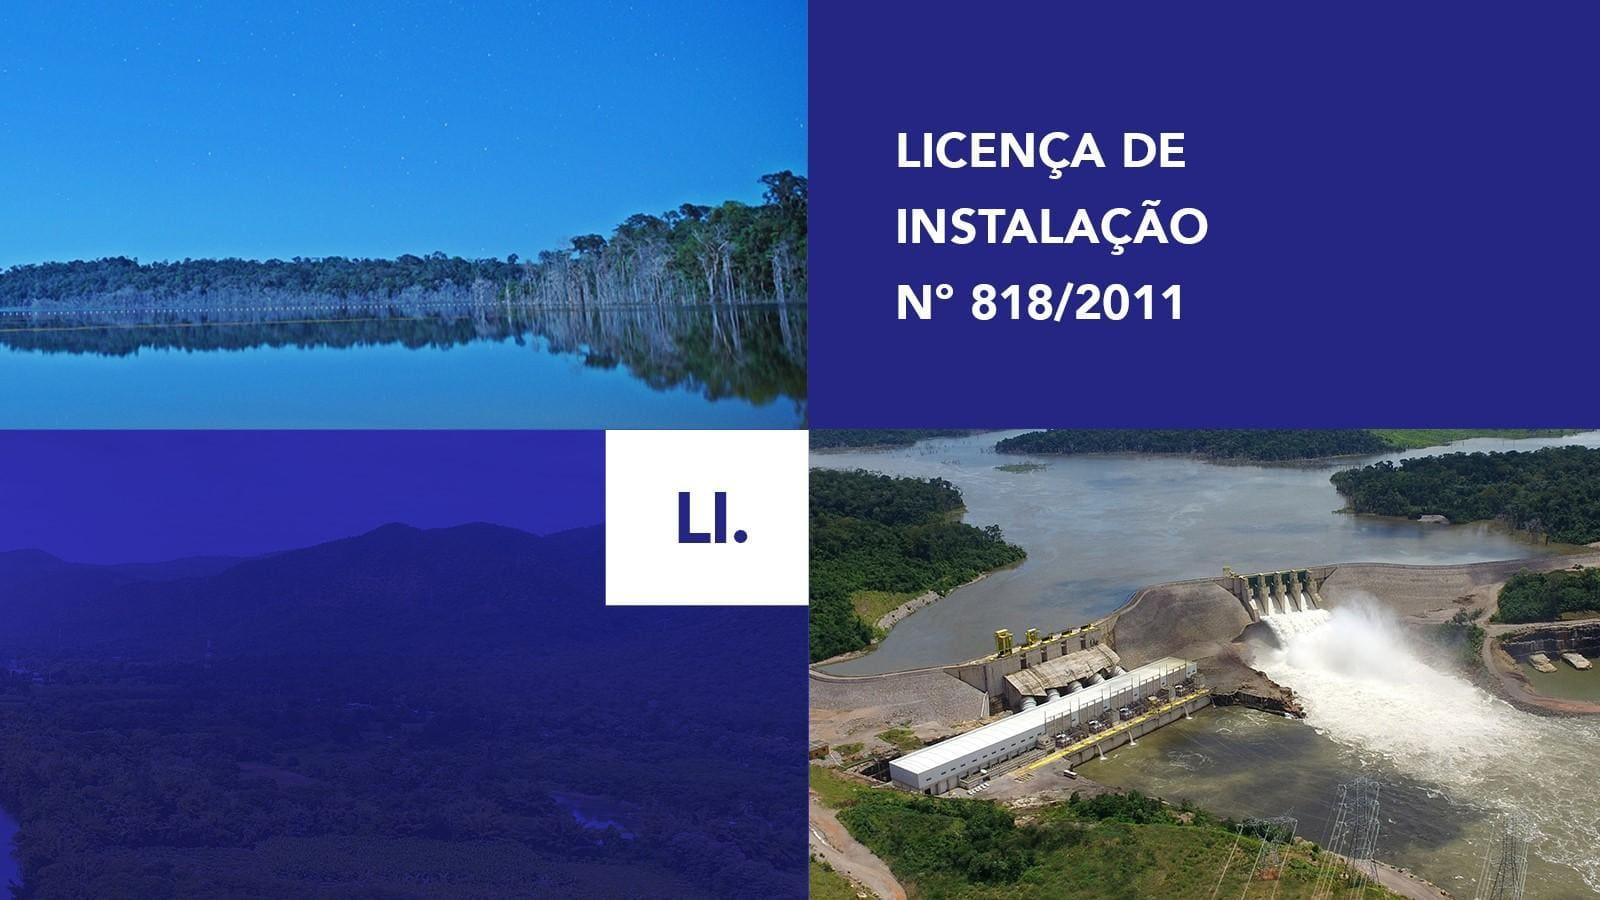 LI - Licença de Instalação Nº 818/2011